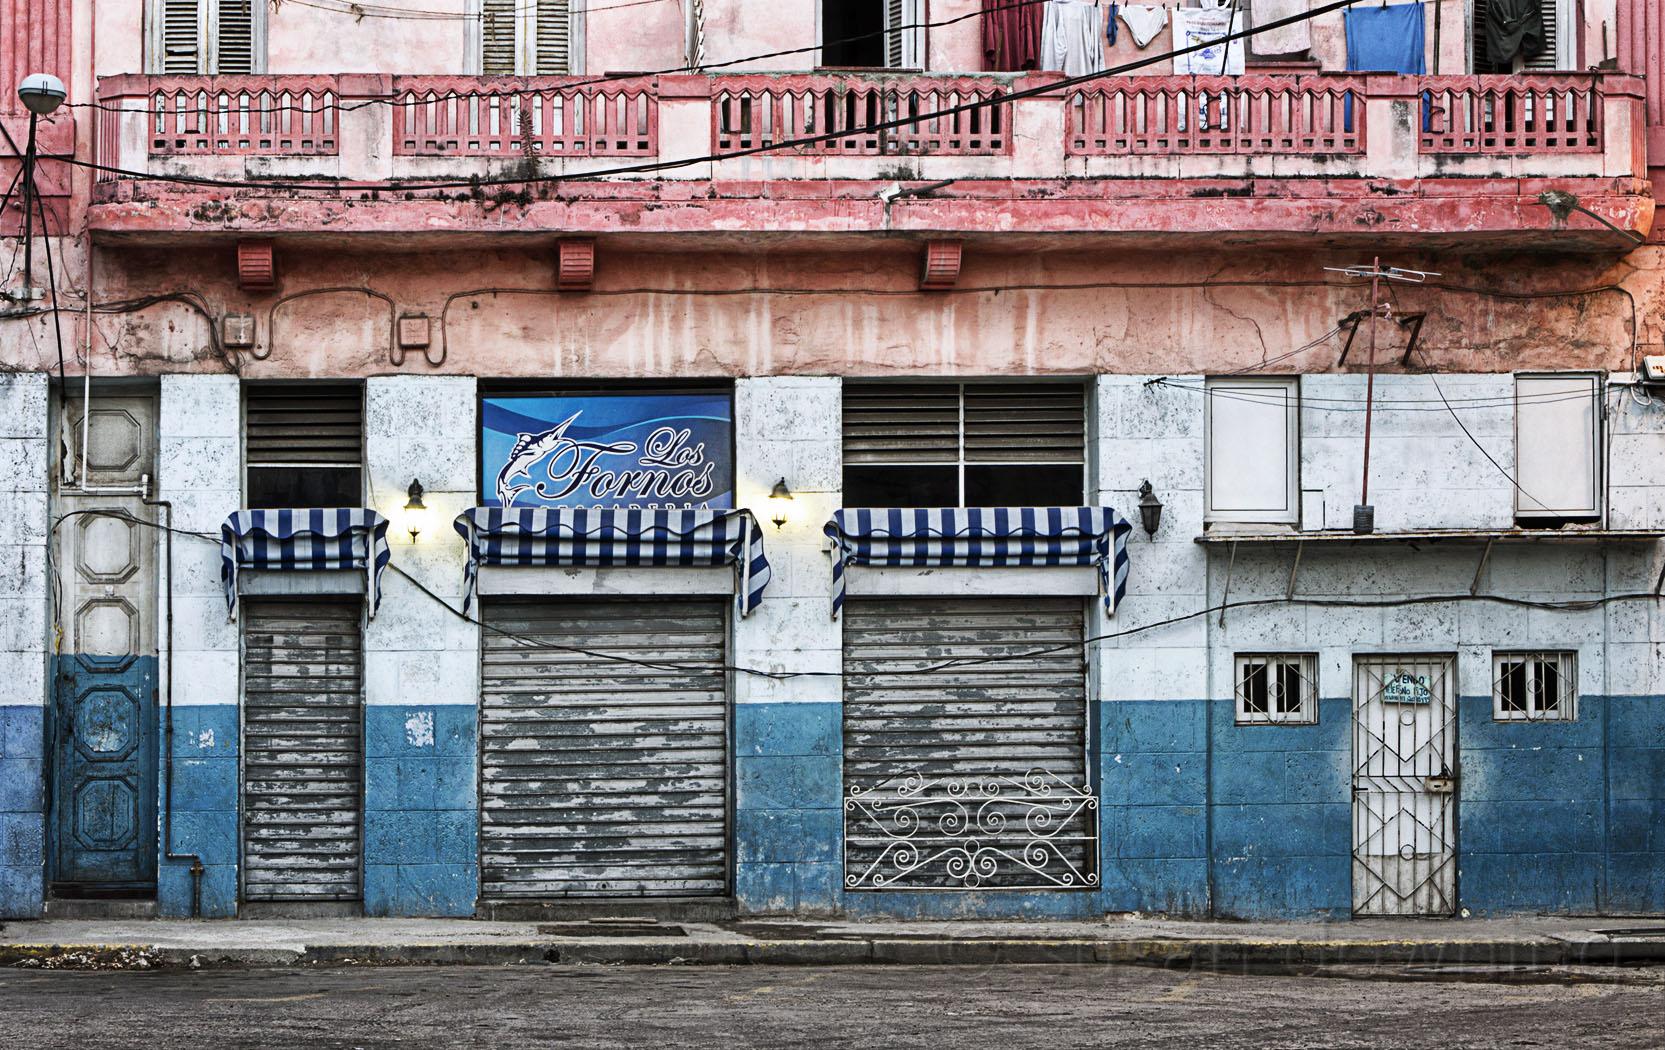 Sfondi finestra citt strada architettura costruzione parete testo pesce casa blu - Testo a finestra ...